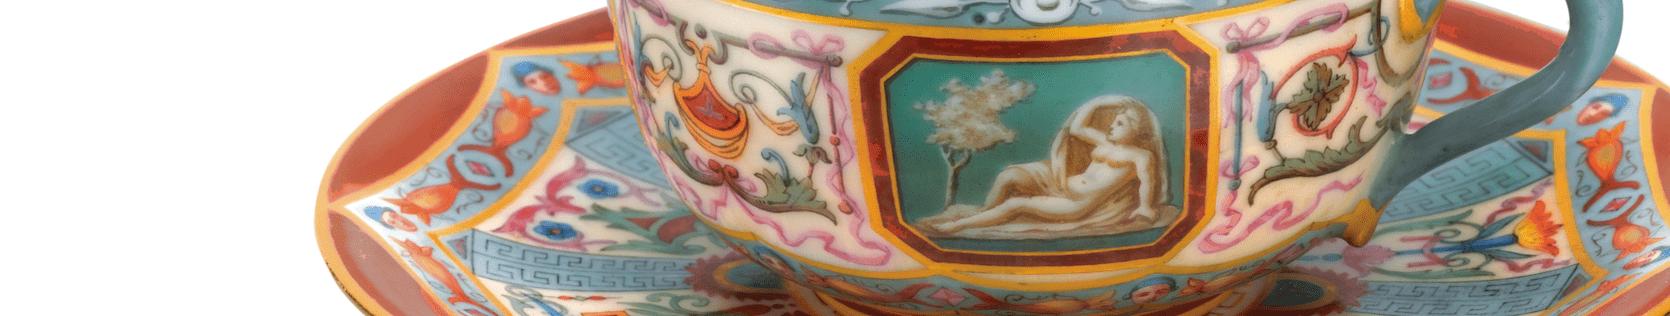 antiques tea sets